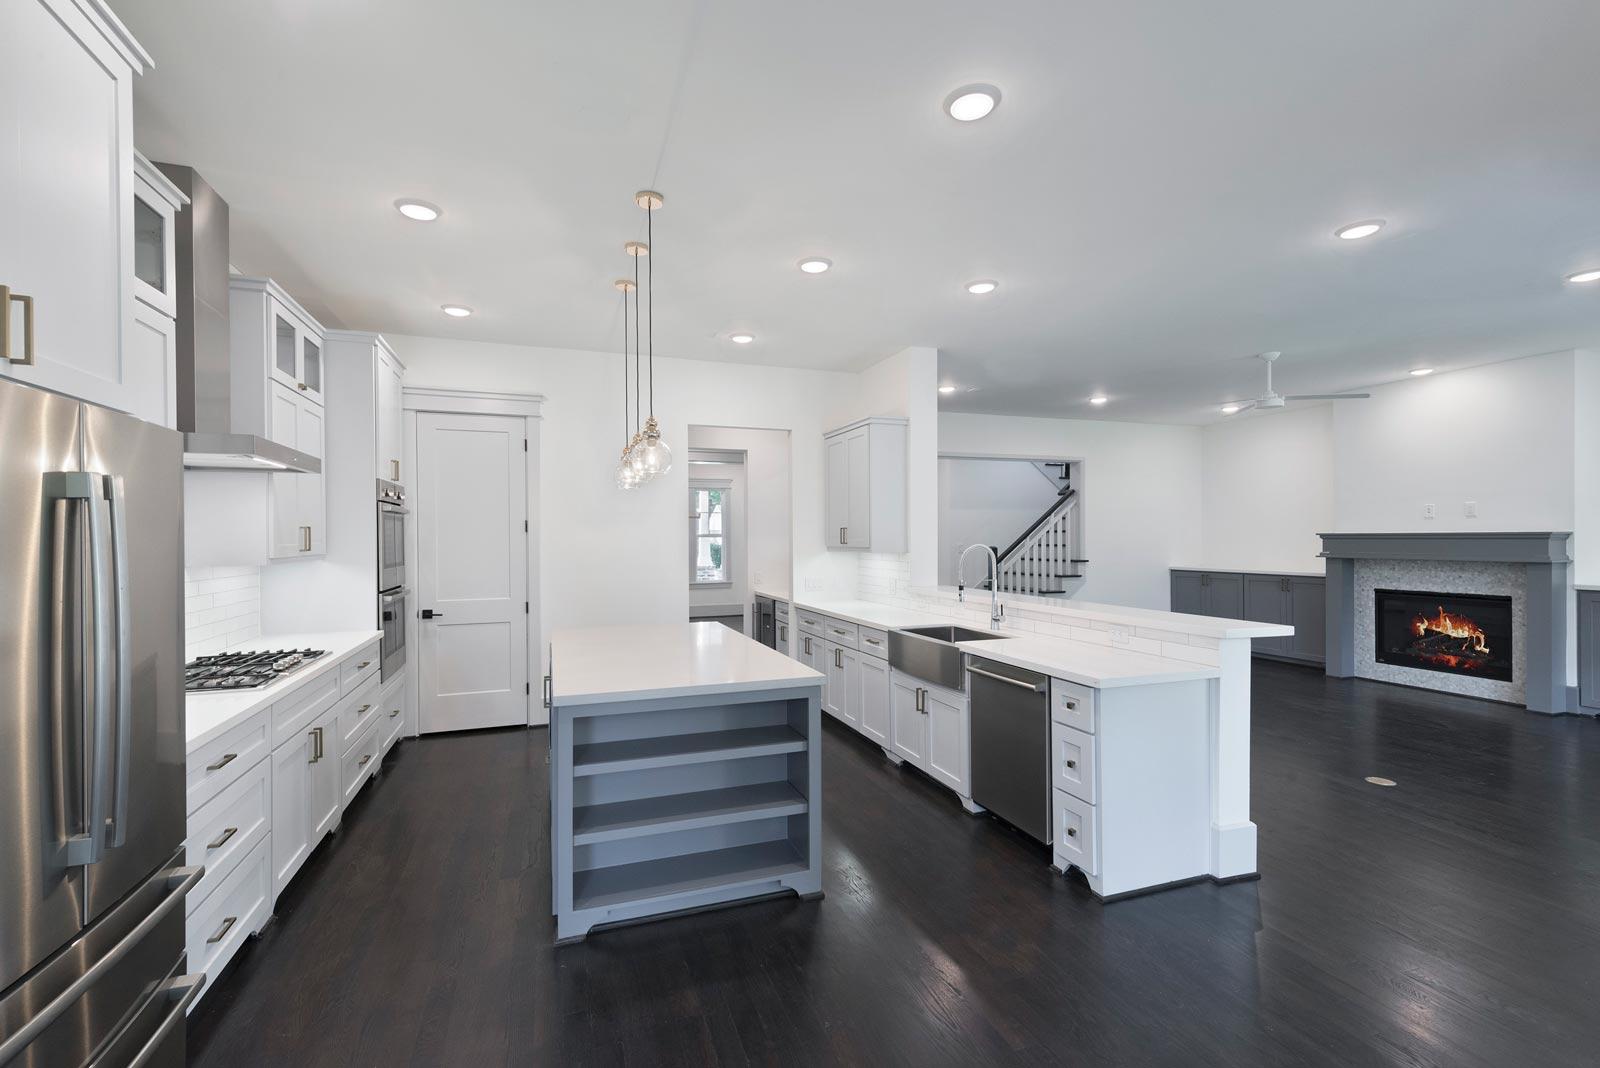 Houston-Homebuilder-Custom-Homebuilder-Central-Houston-Homebuilder-Oak-Forest-Open-Kitchen-Family-Room-Dark-Stain-on-White-Oak-Floors